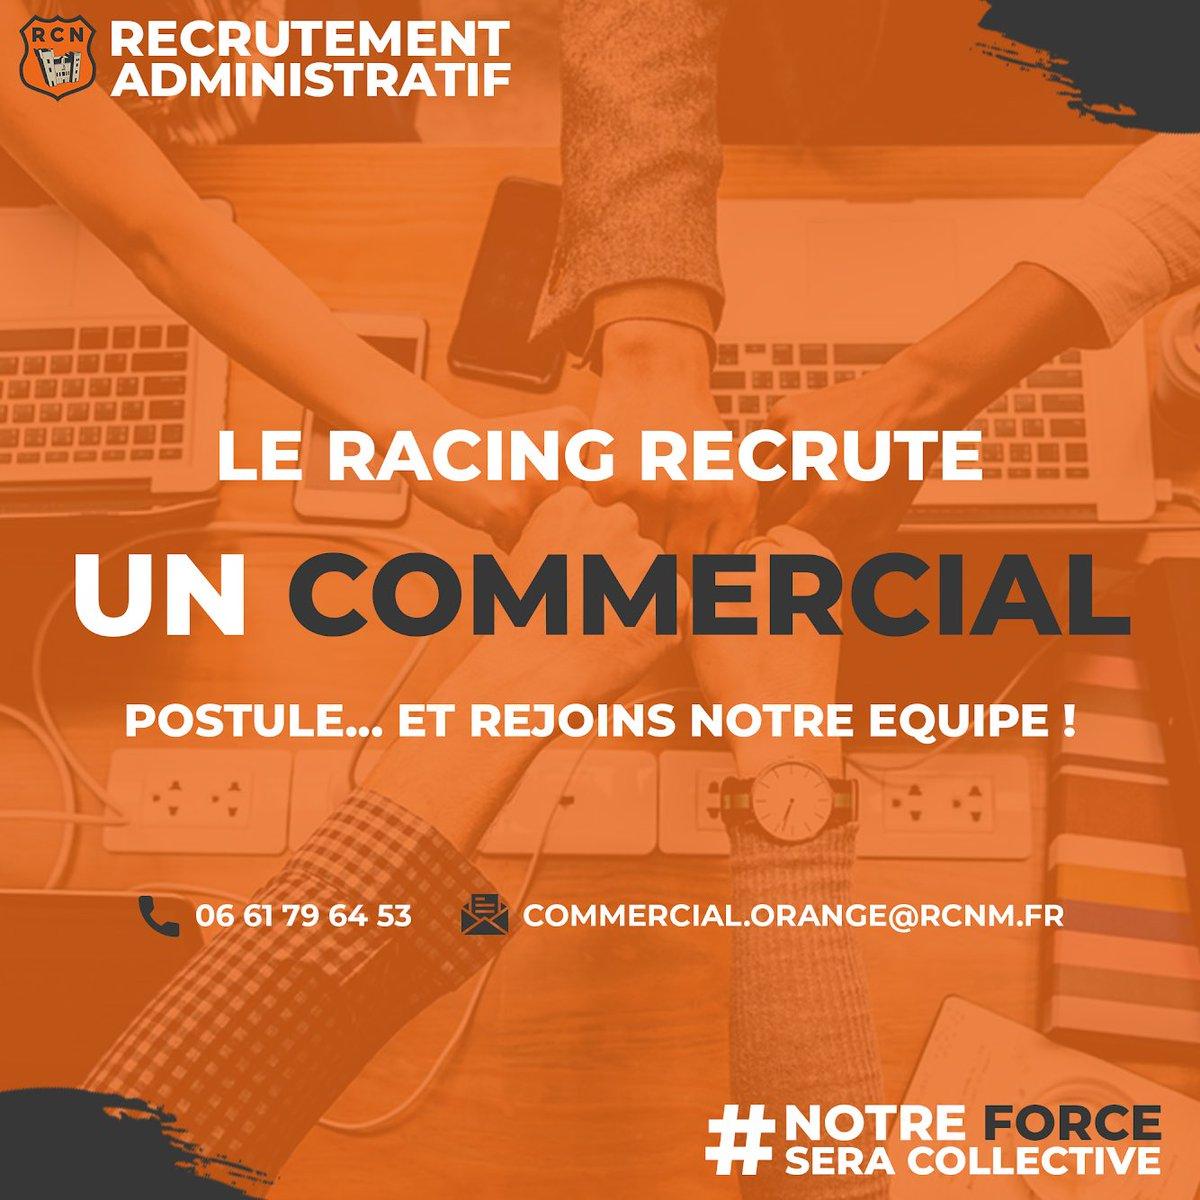 Le Racing recrute un commercial salarié !   Veuillez nous envoyer votre CV à...